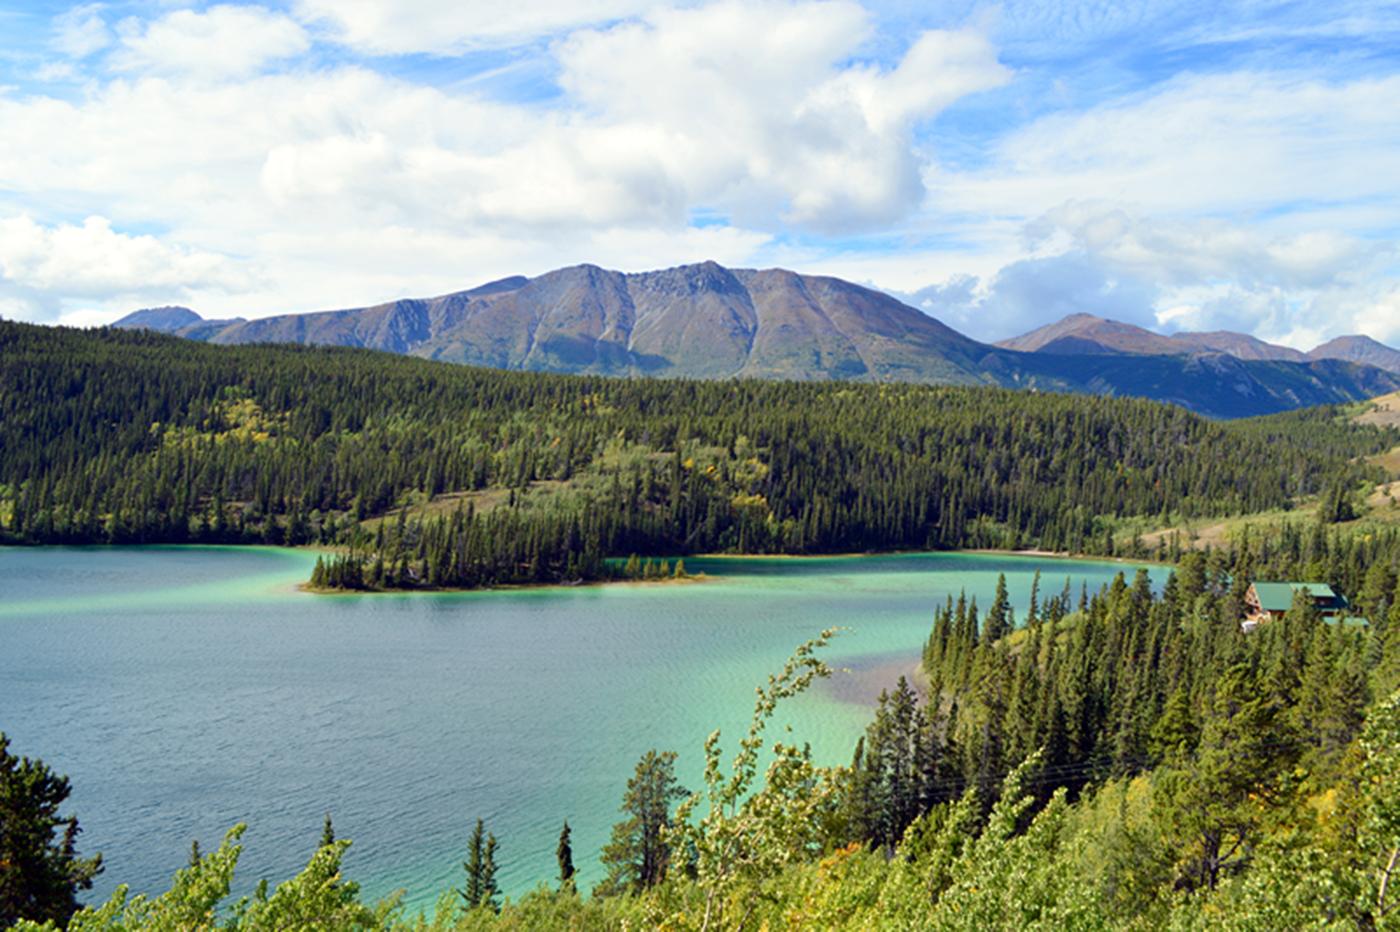 阿拉斯加,那山、那水、那人…